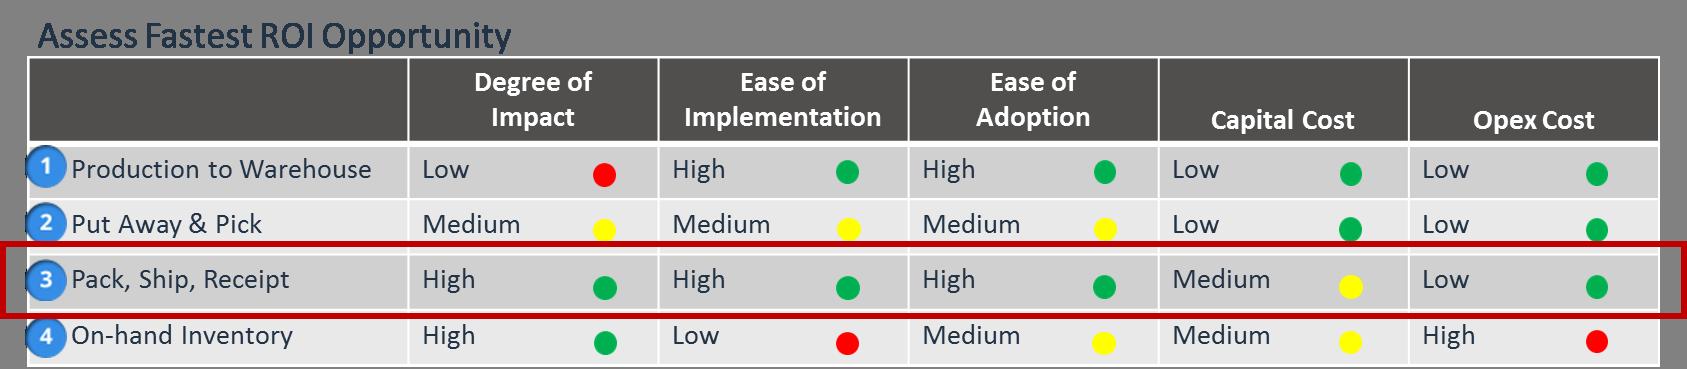 Assessing Fastest ROI Opportunity